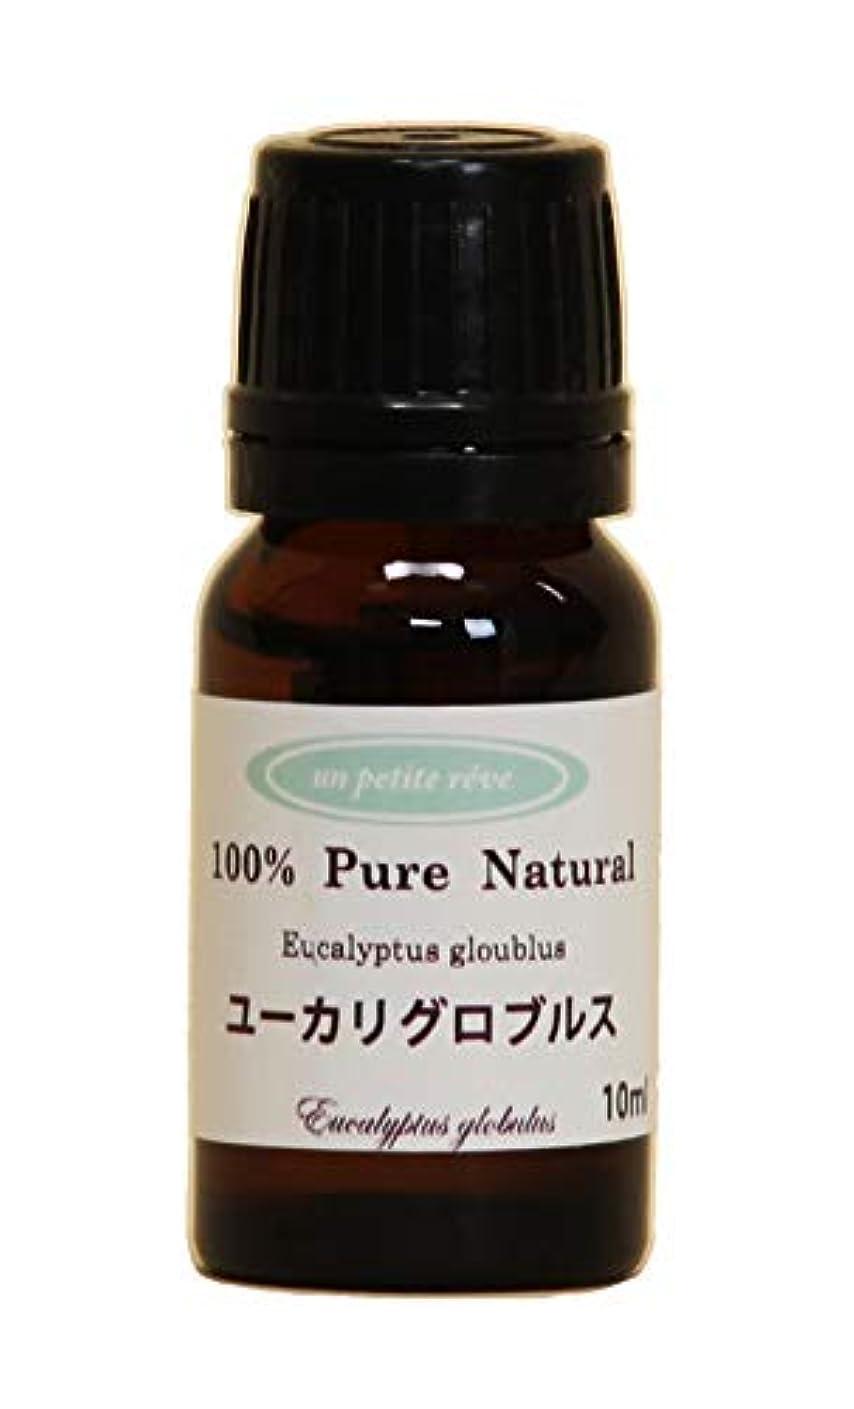 瞬時にチーフ有毒なユーカリグロブルス 10ml 100%天然アロマエッセンシャルオイル(精油)